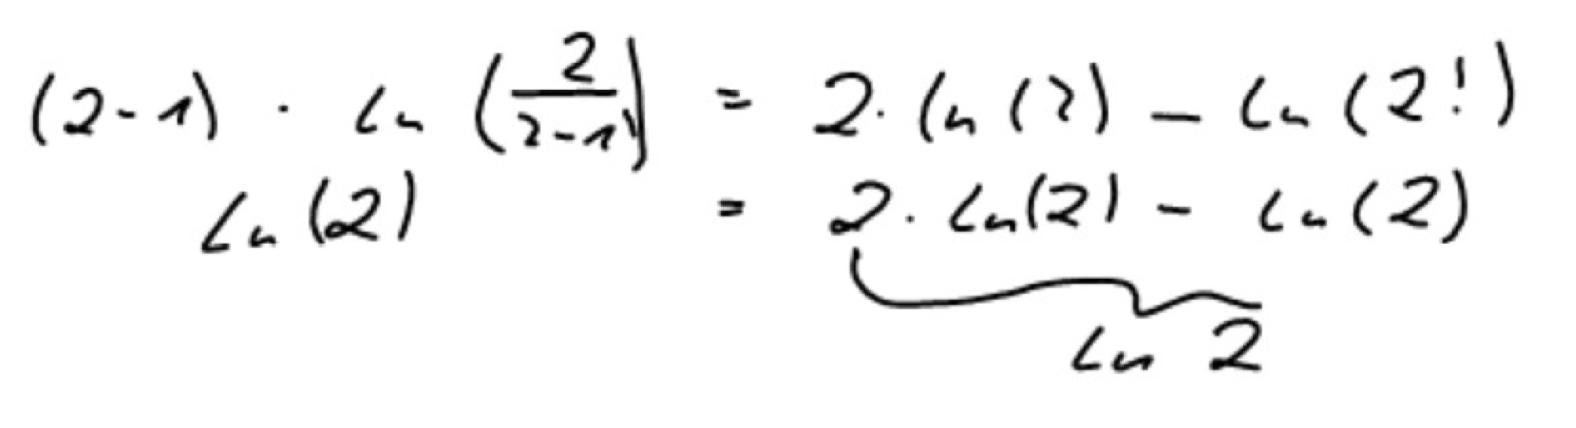 warum ergibt diese logarithmen rechnung vom lehrer ln 2. Black Bedroom Furniture Sets. Home Design Ideas